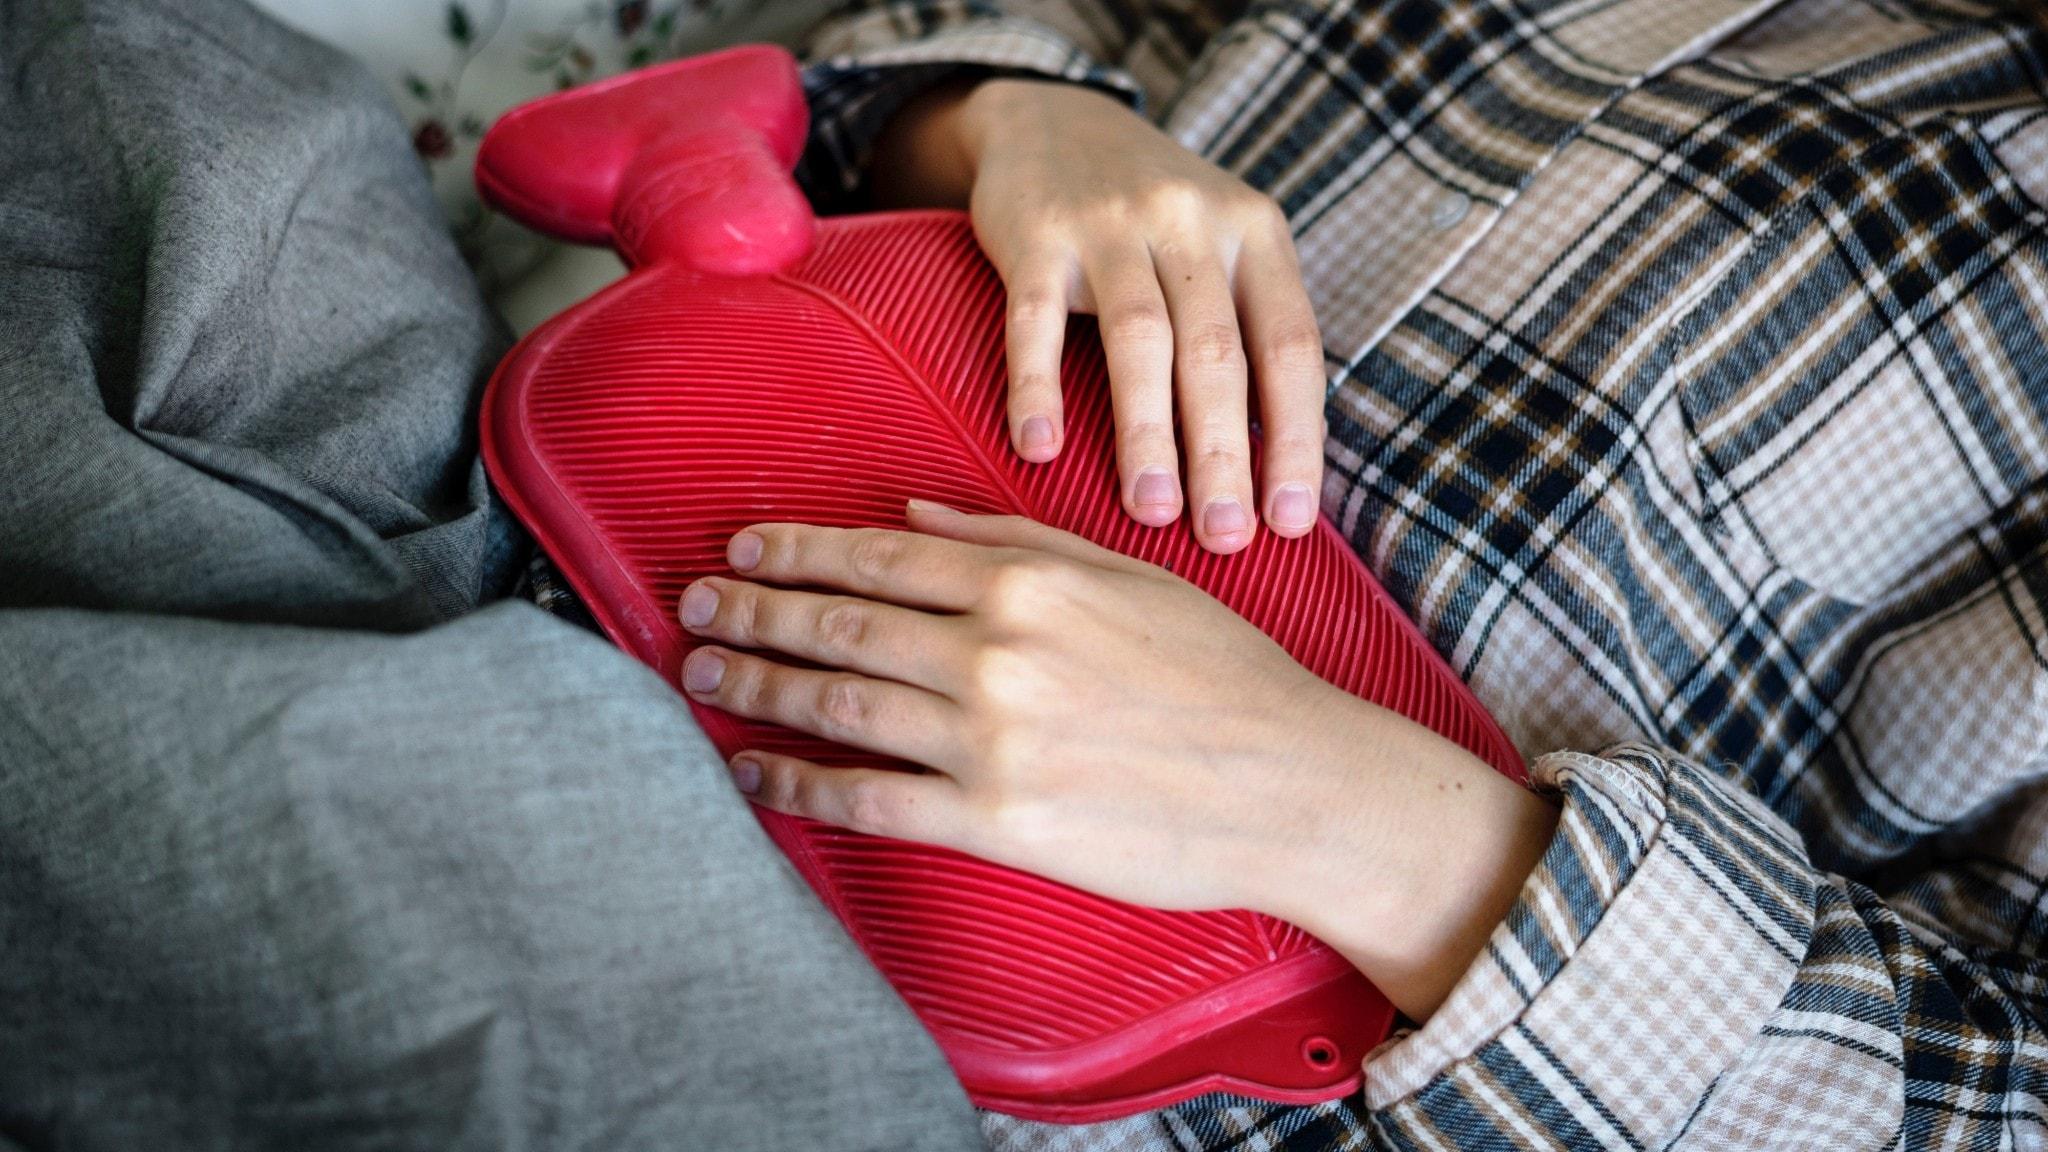 Endometrios kan orsaka svåra smärtor